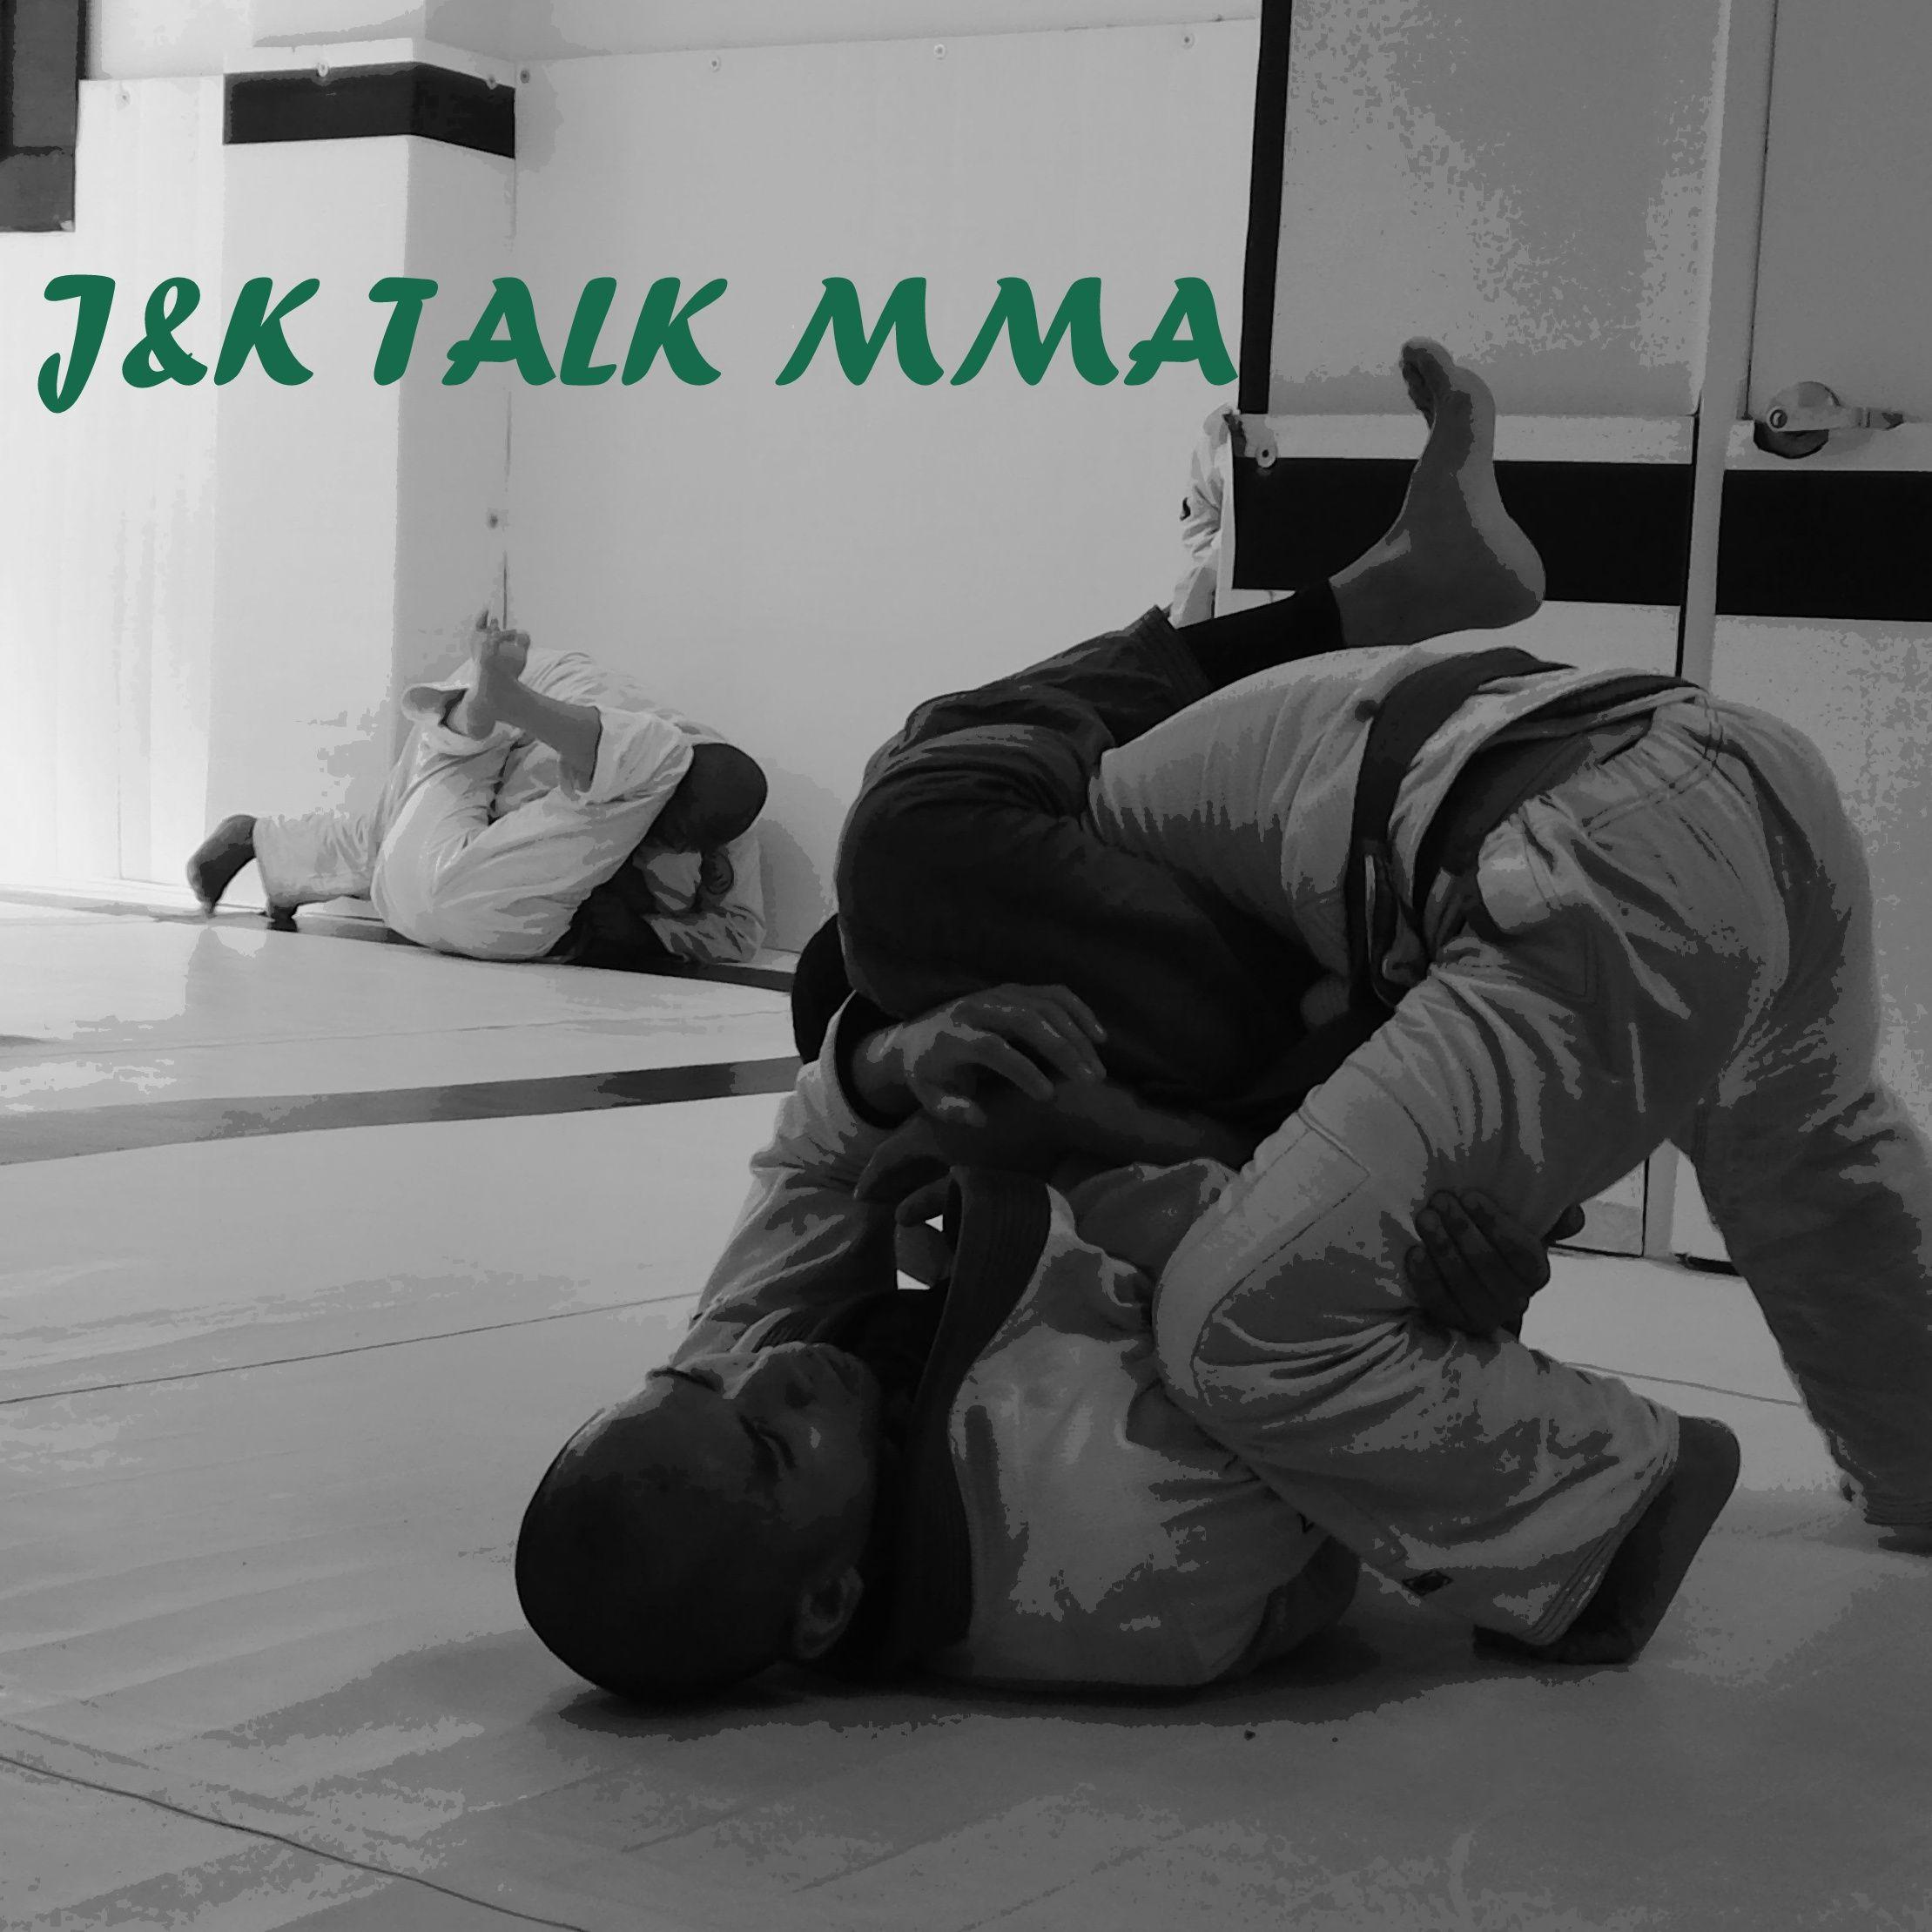 J&K Talk MMA